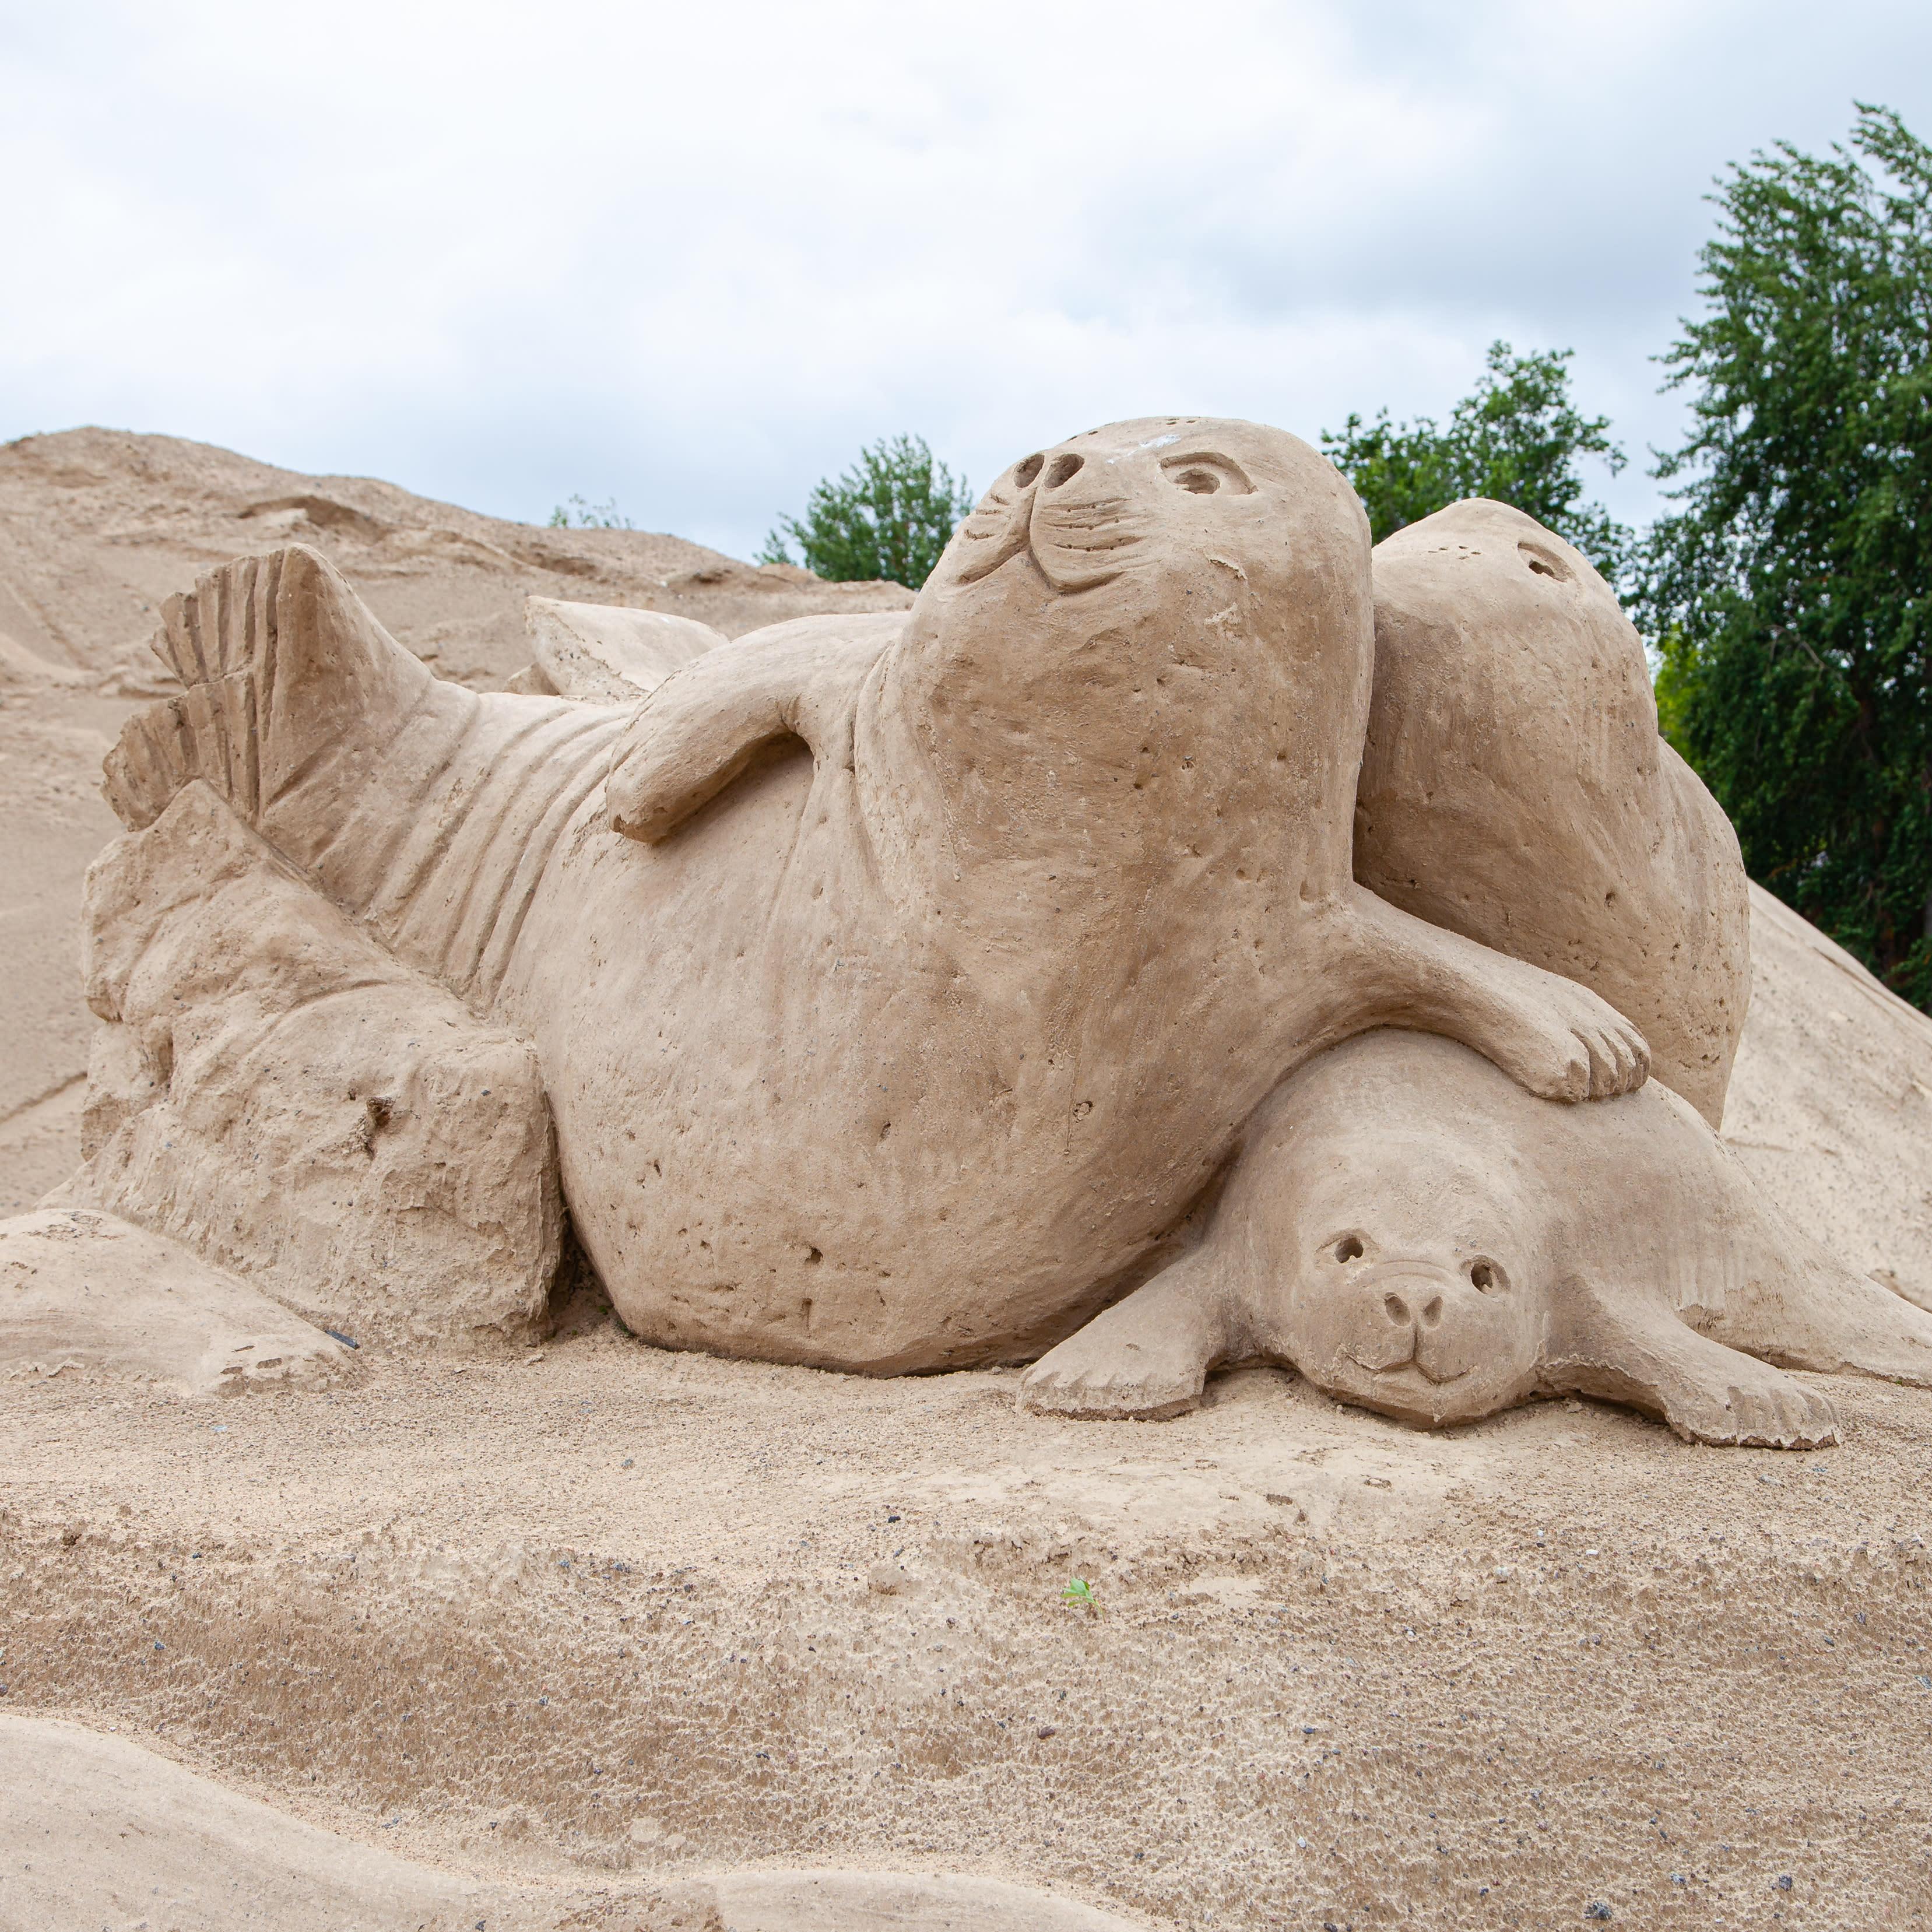 Lappeenrannan hiekkalinna 2020. Saimaannorppia.